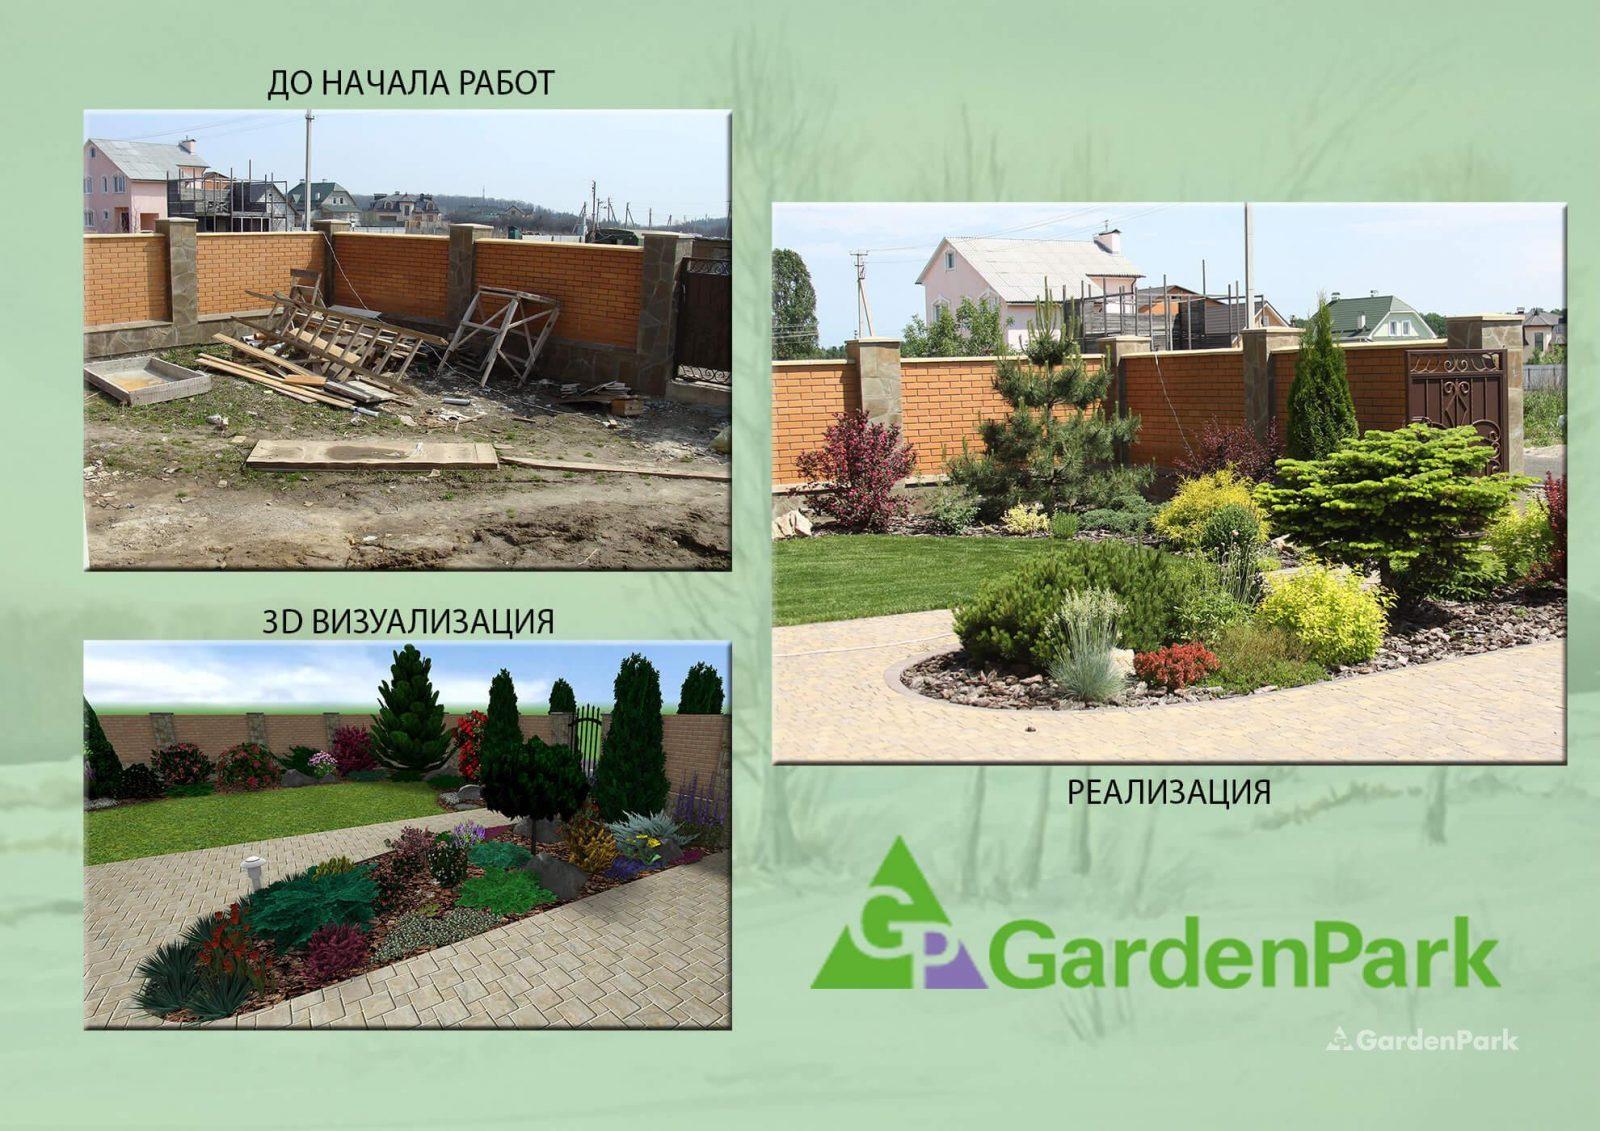 Проекты до и после реализации